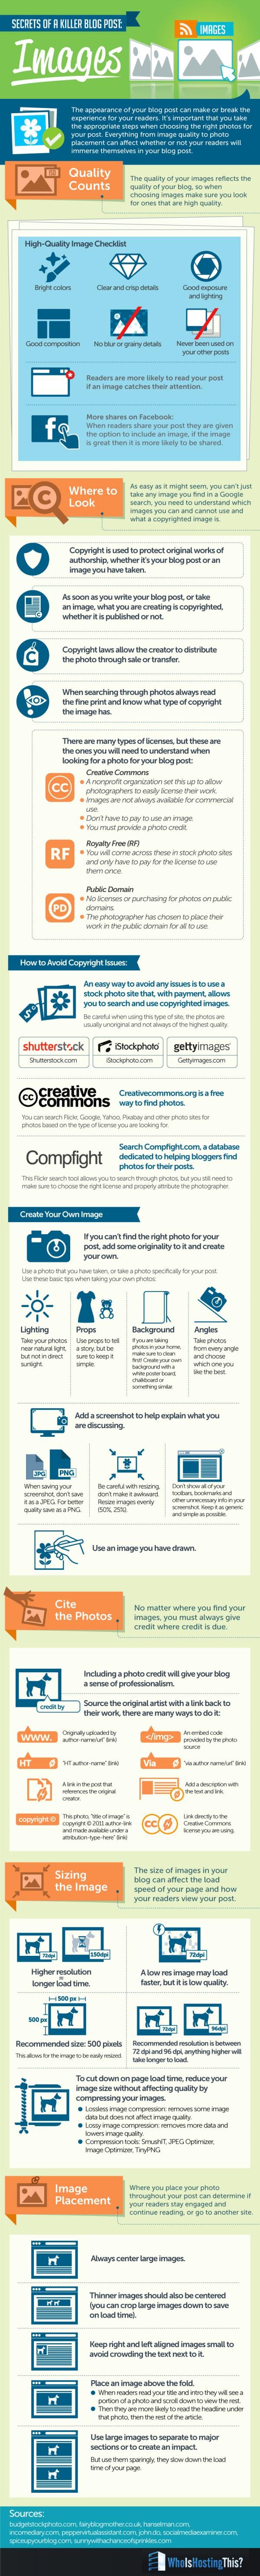 Sử dụng hình trên mạng sao cho đúng